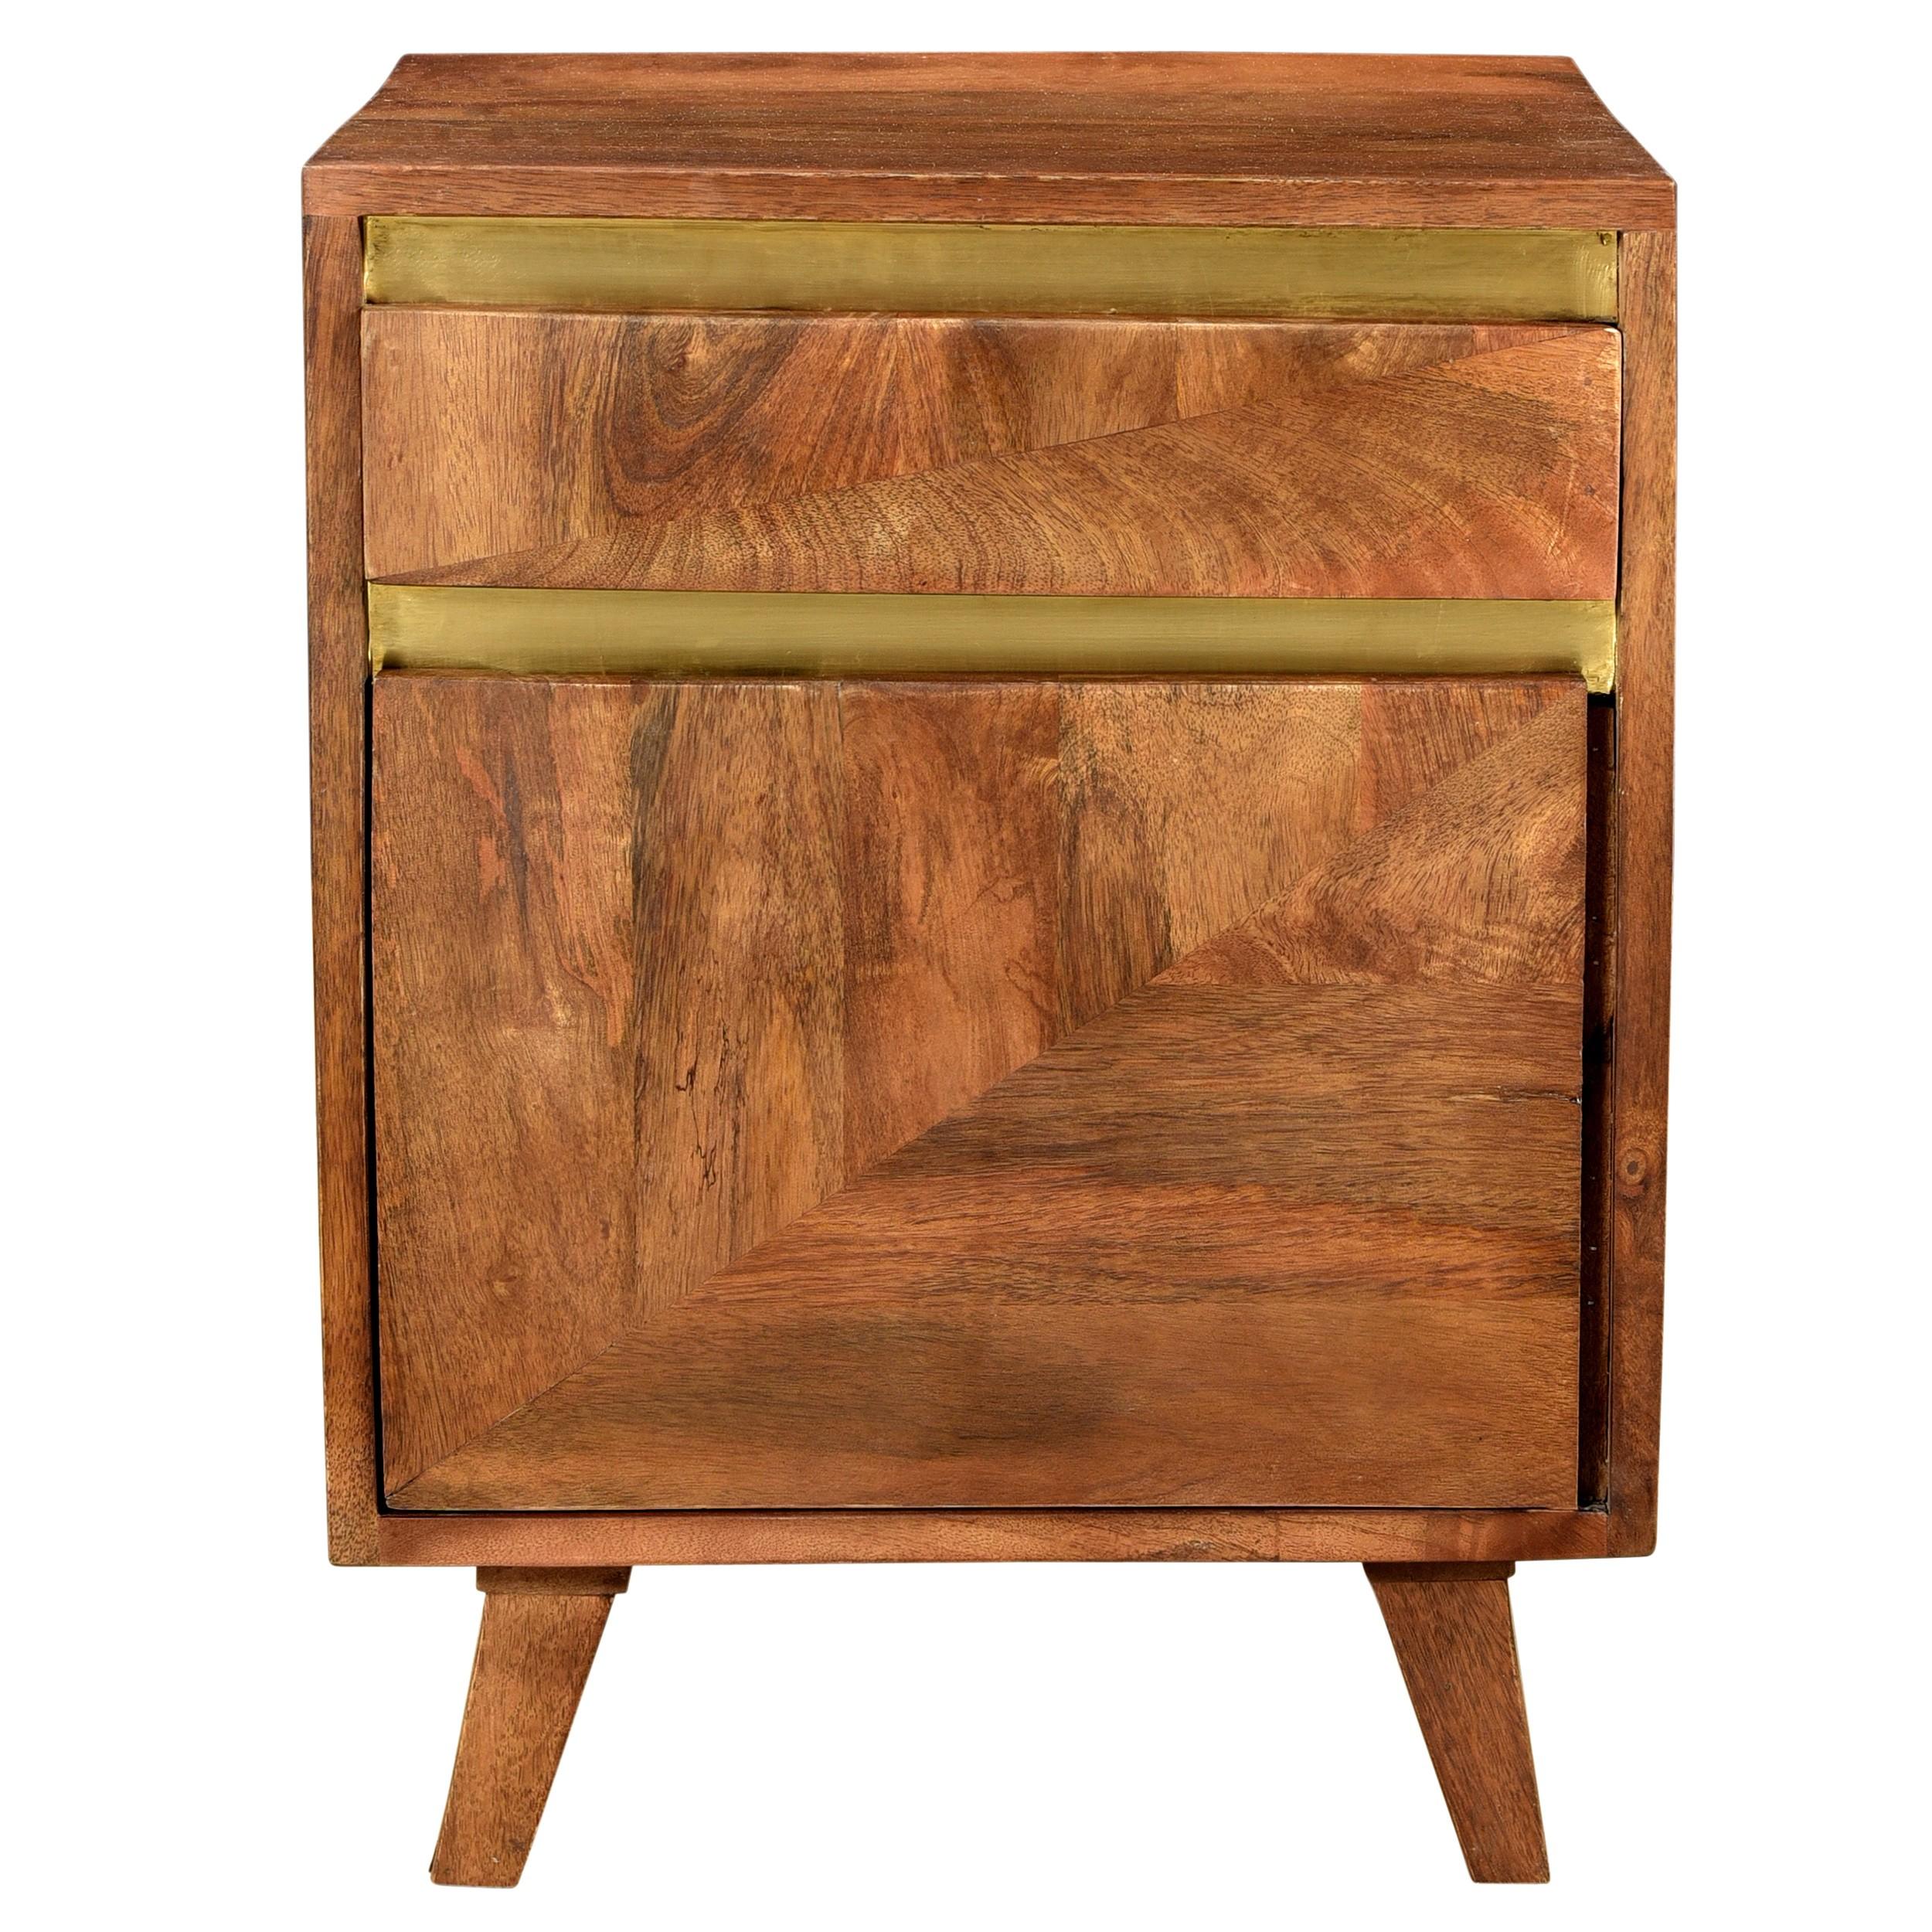 dorés de en détails Table Tripoli bois chevet lKJ31uTFc5